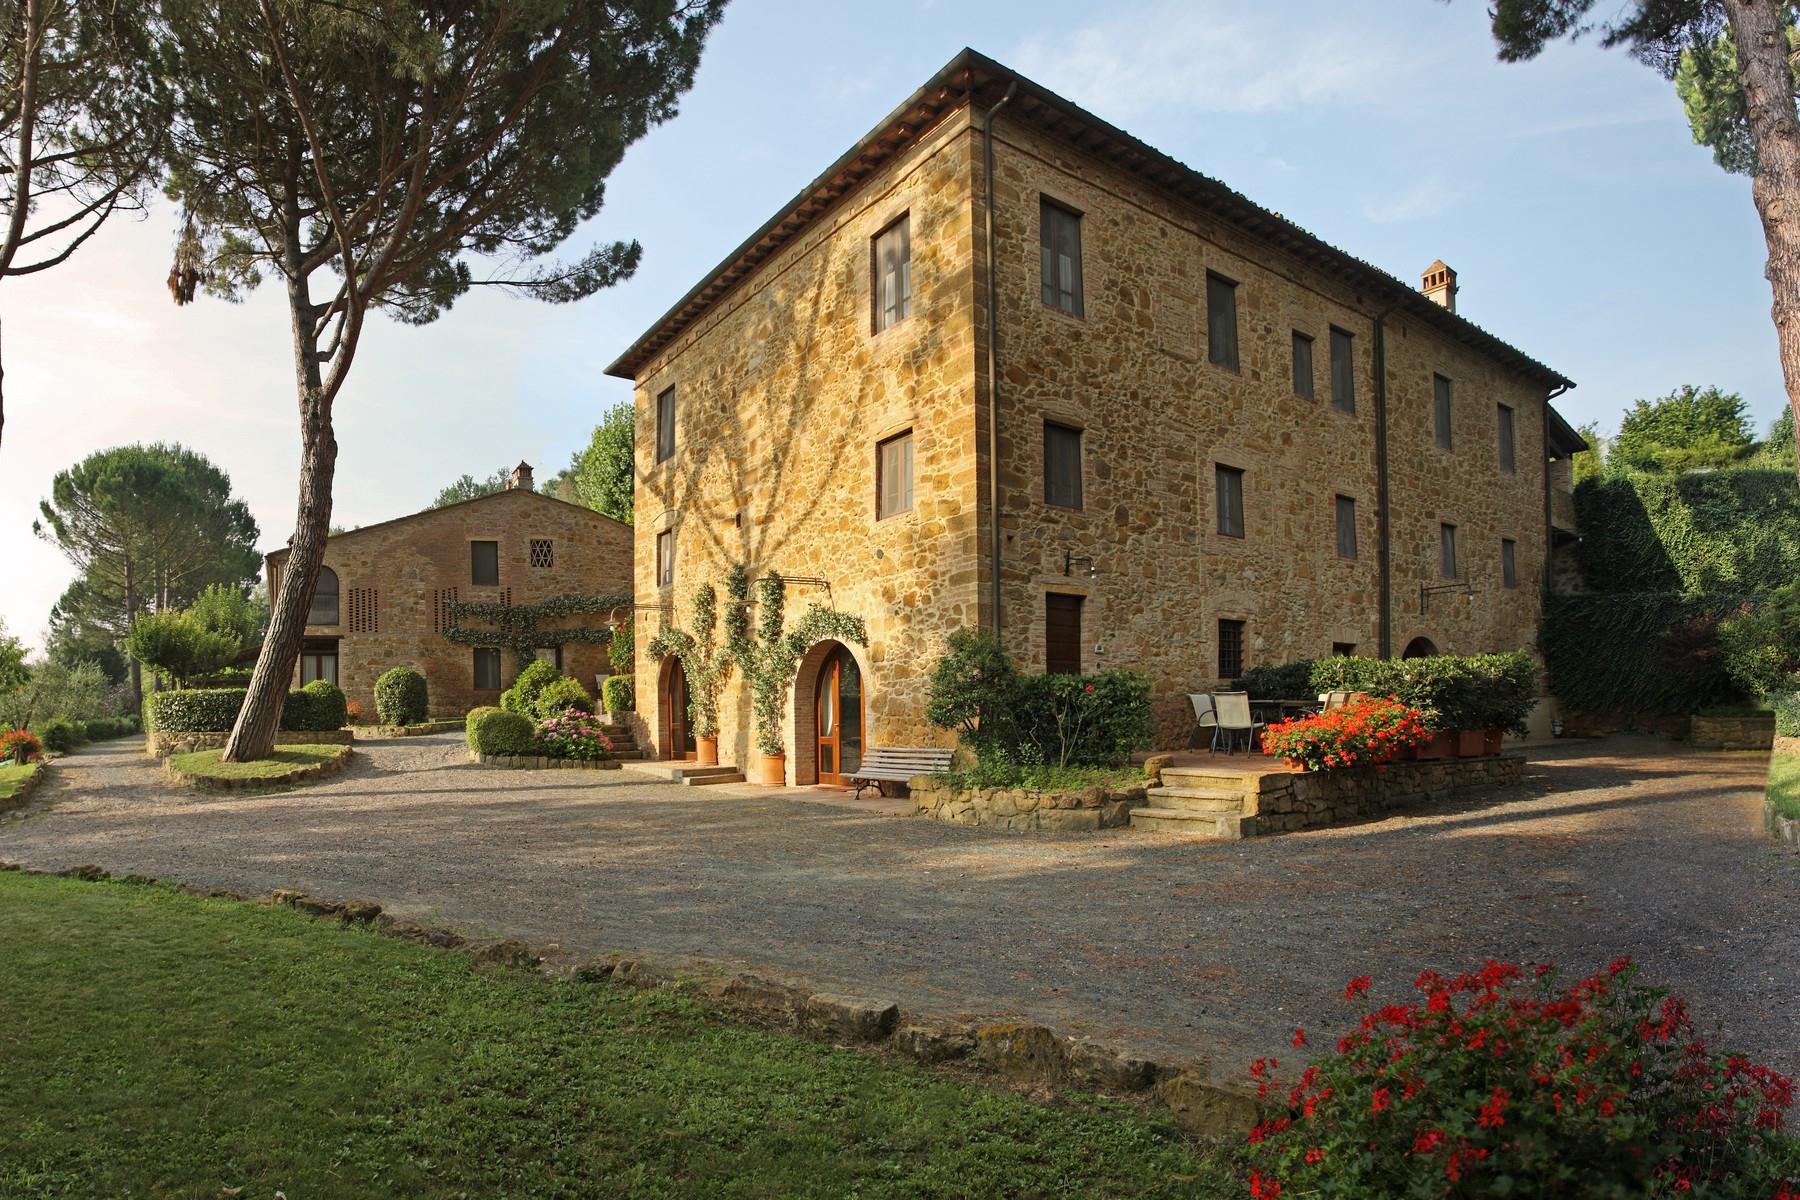 Rustico in Vendita a Montaione: 5 locali, 1200 mq